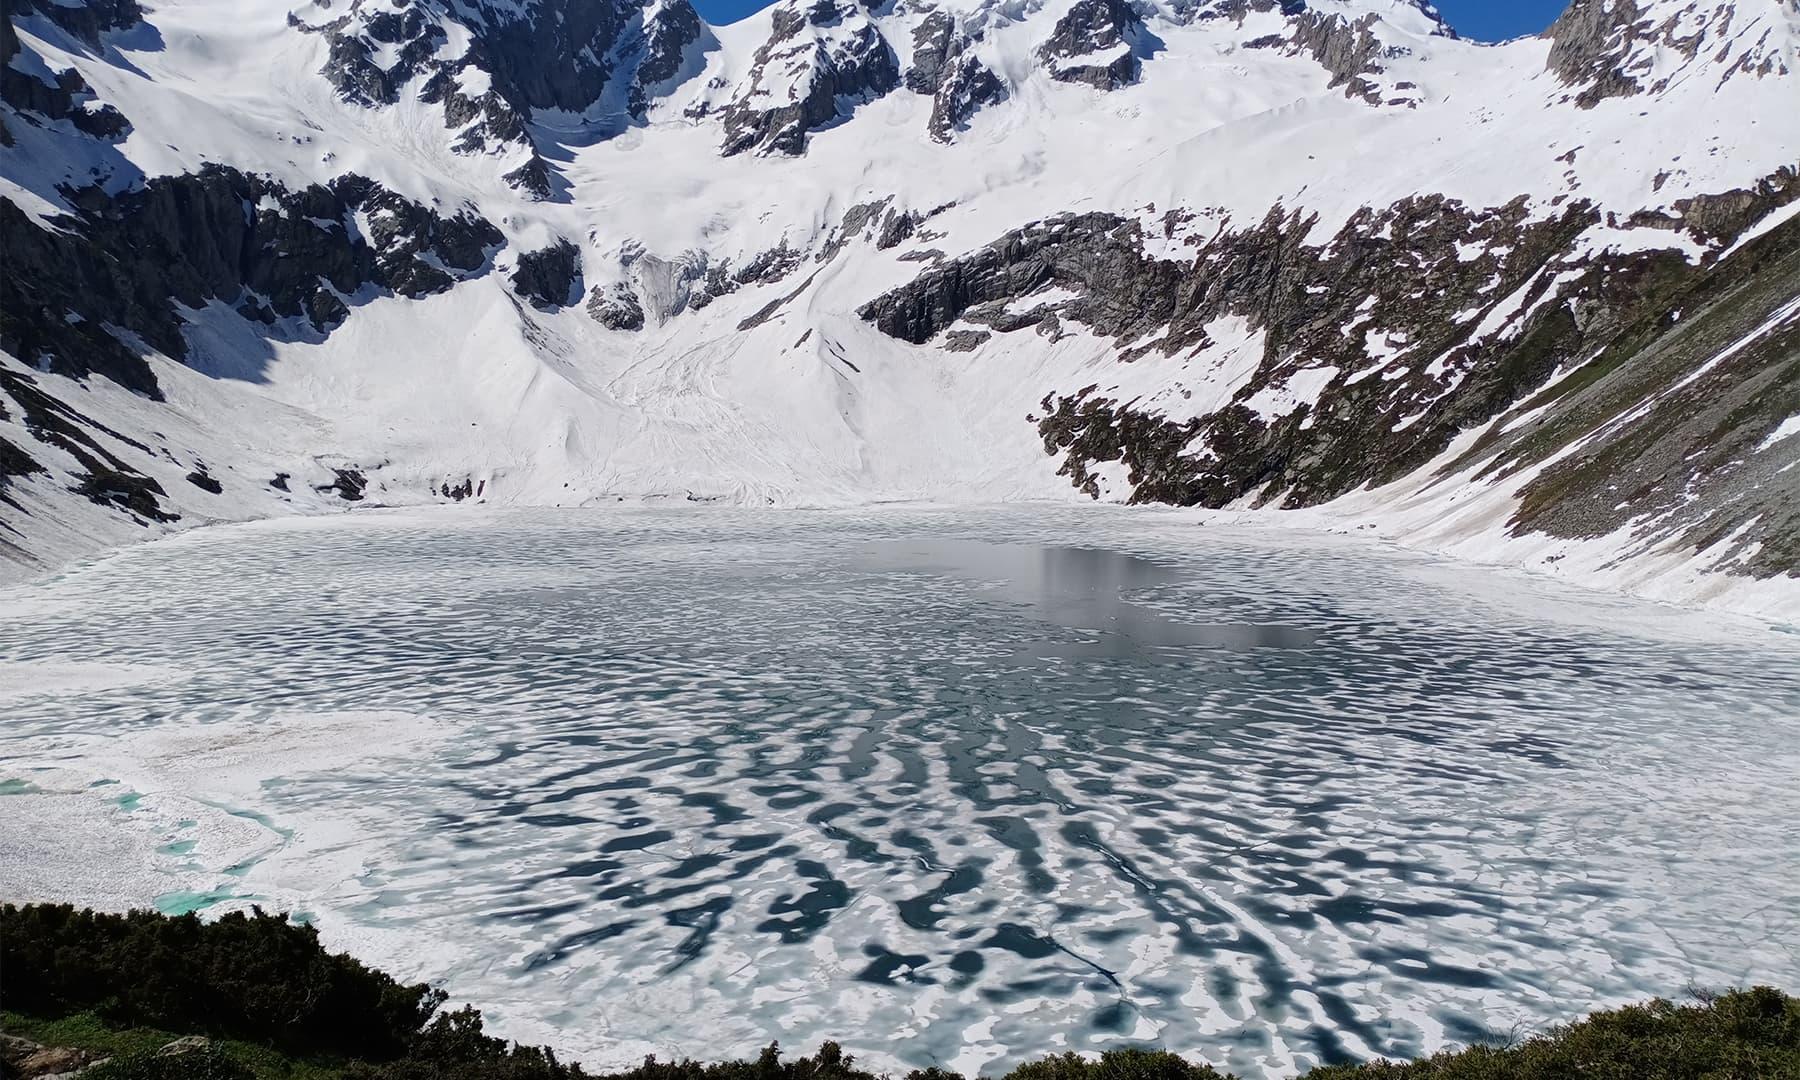 اس منجمد جھیل نے ہمیں اپنے سحر میں جکڑ لیا تھا — تصویر: عظمت اکبر